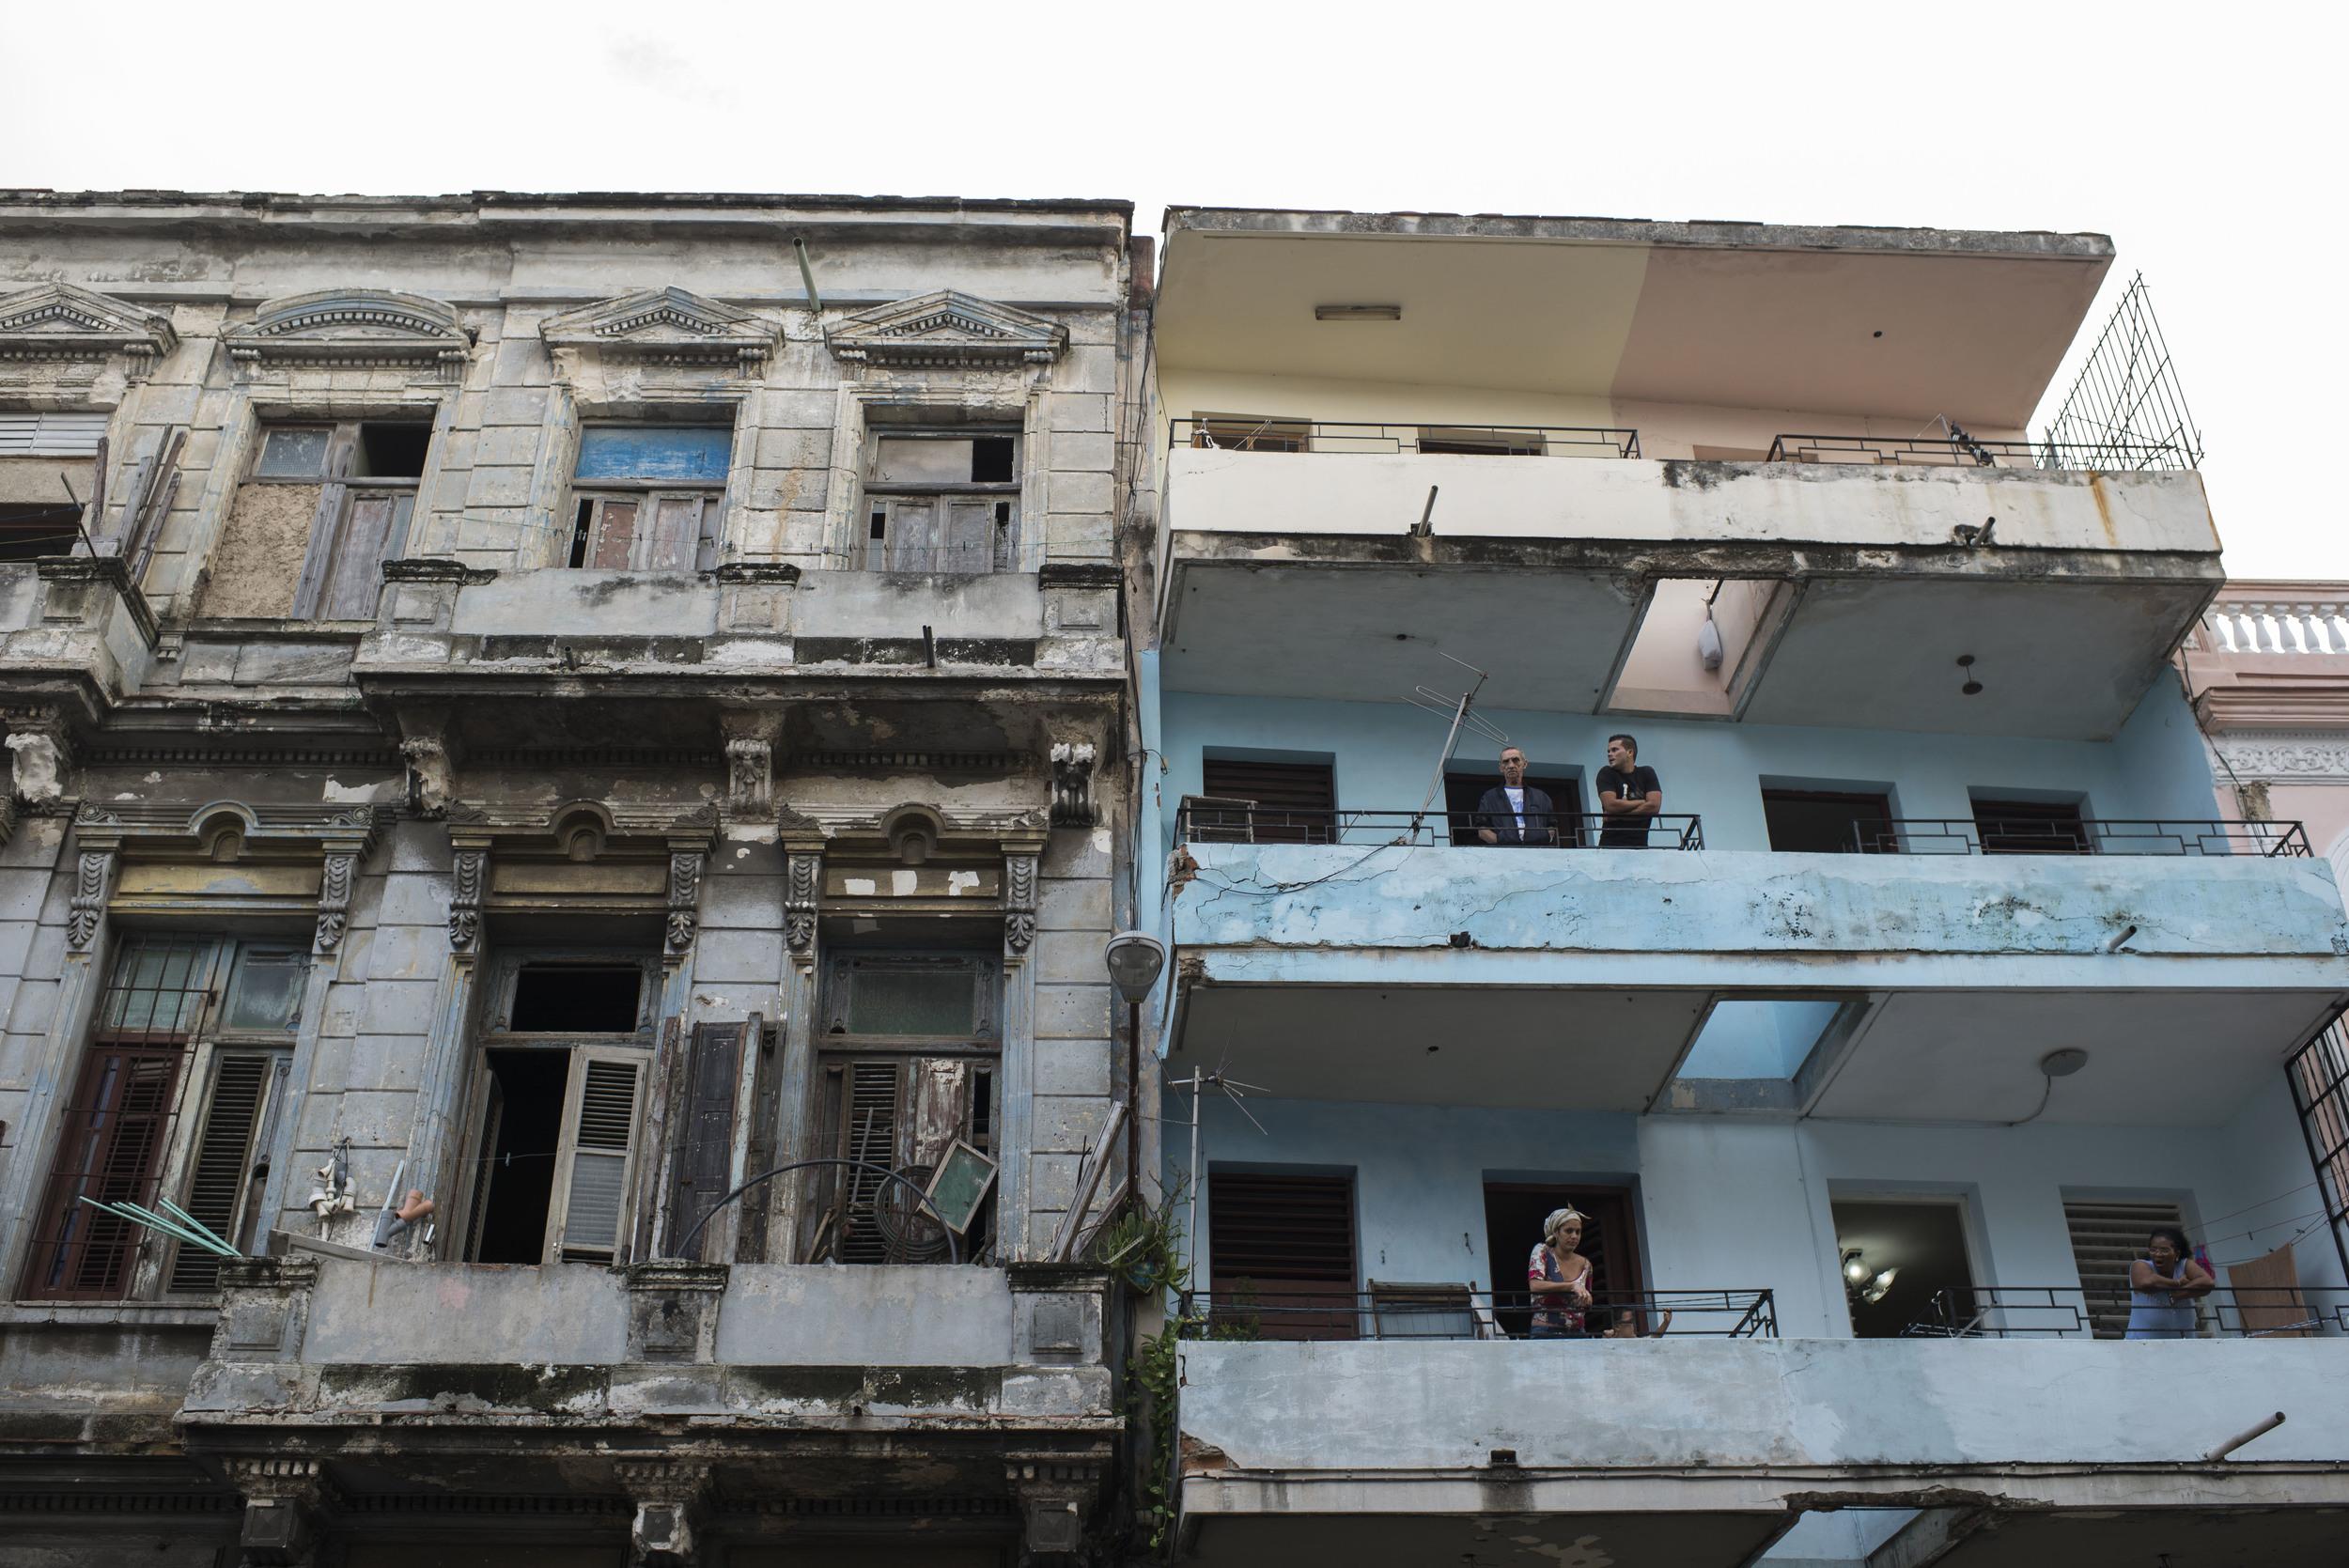 People stand on their balconies in Havana, Cuba on Jan. 17, 2016.